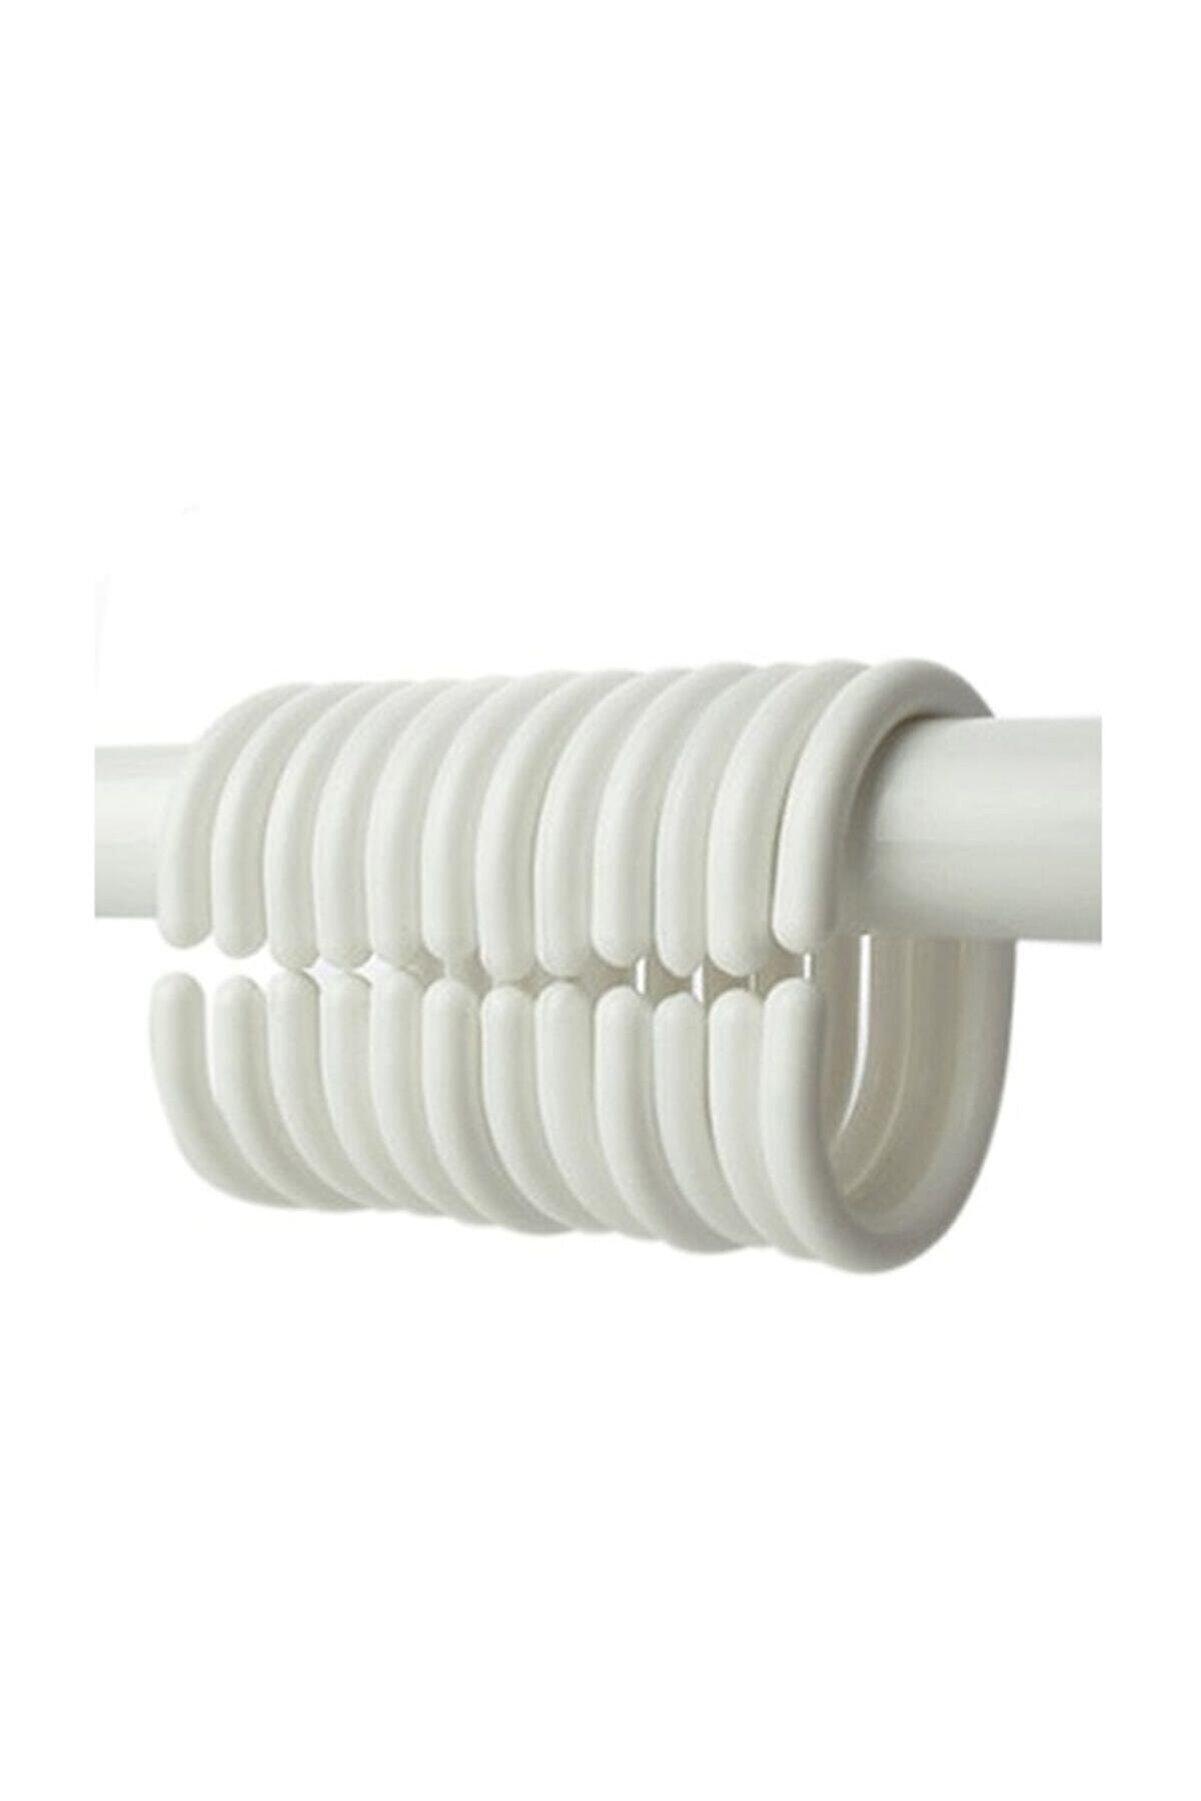 Bahat Banyo Duş Perde Halkası Kancası 24 Adet